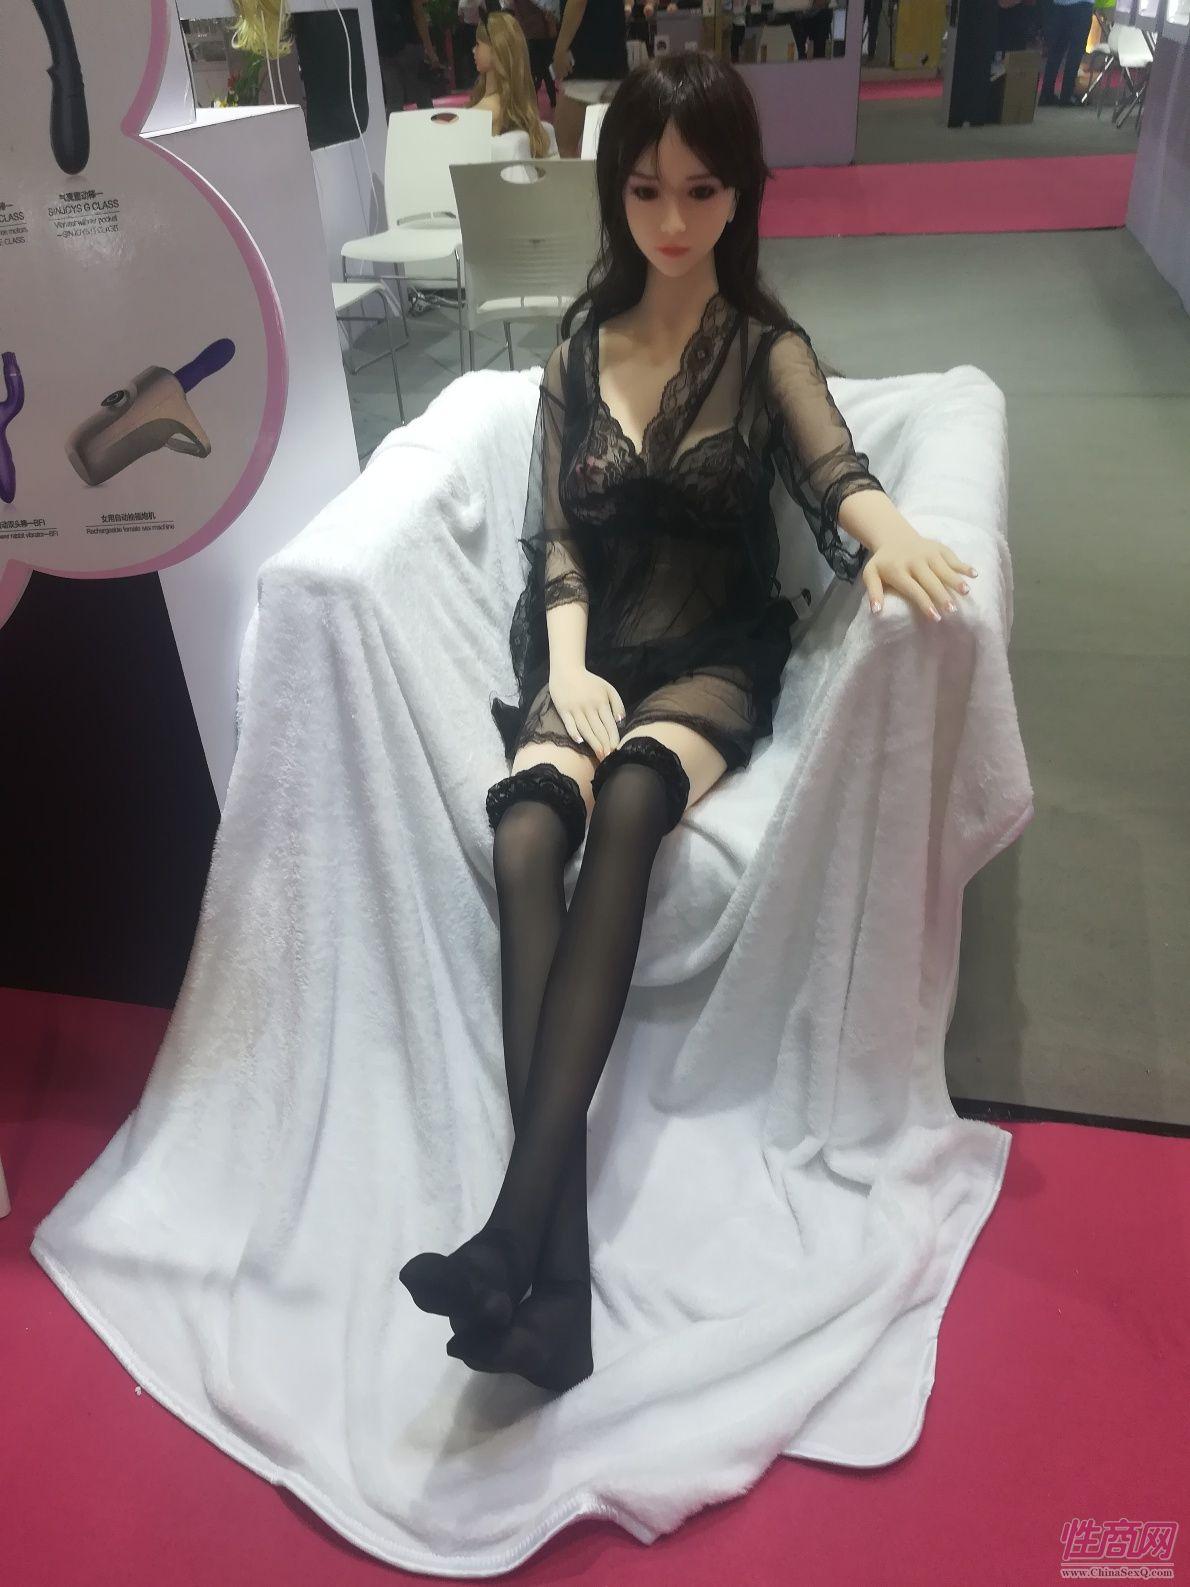 18上海成人展-实体娃娃 (3)